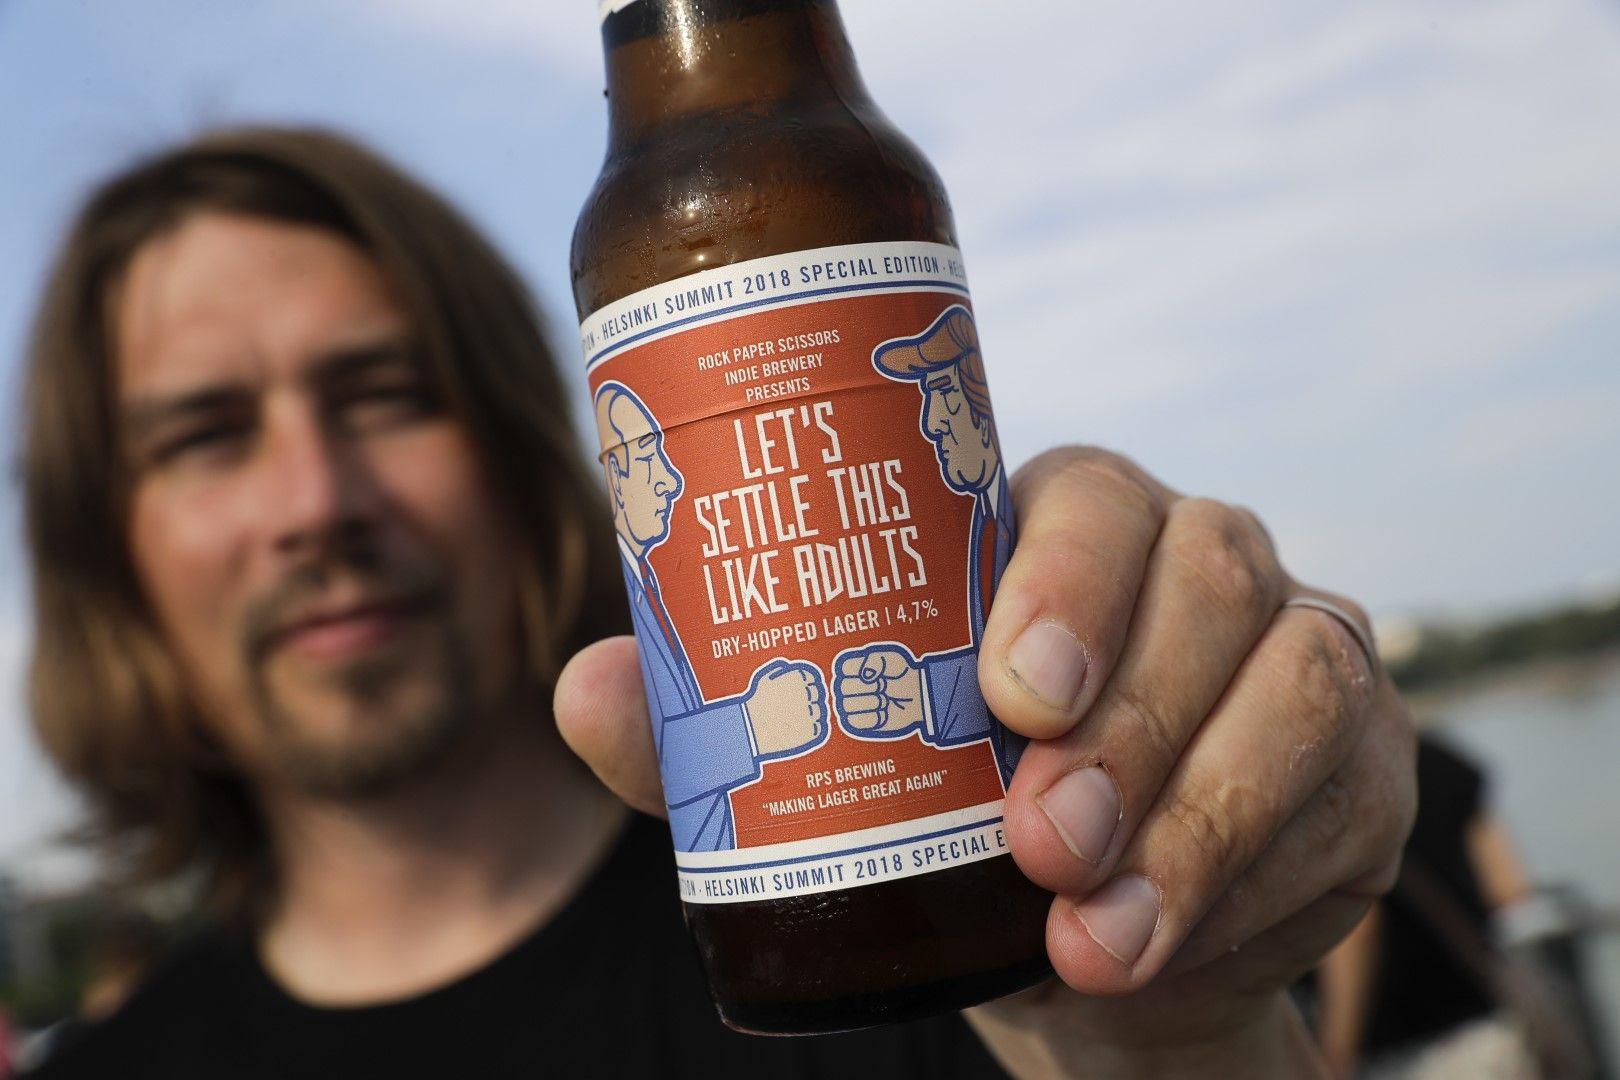 Във Финландия пуснаха в продажба специална бира за срещата